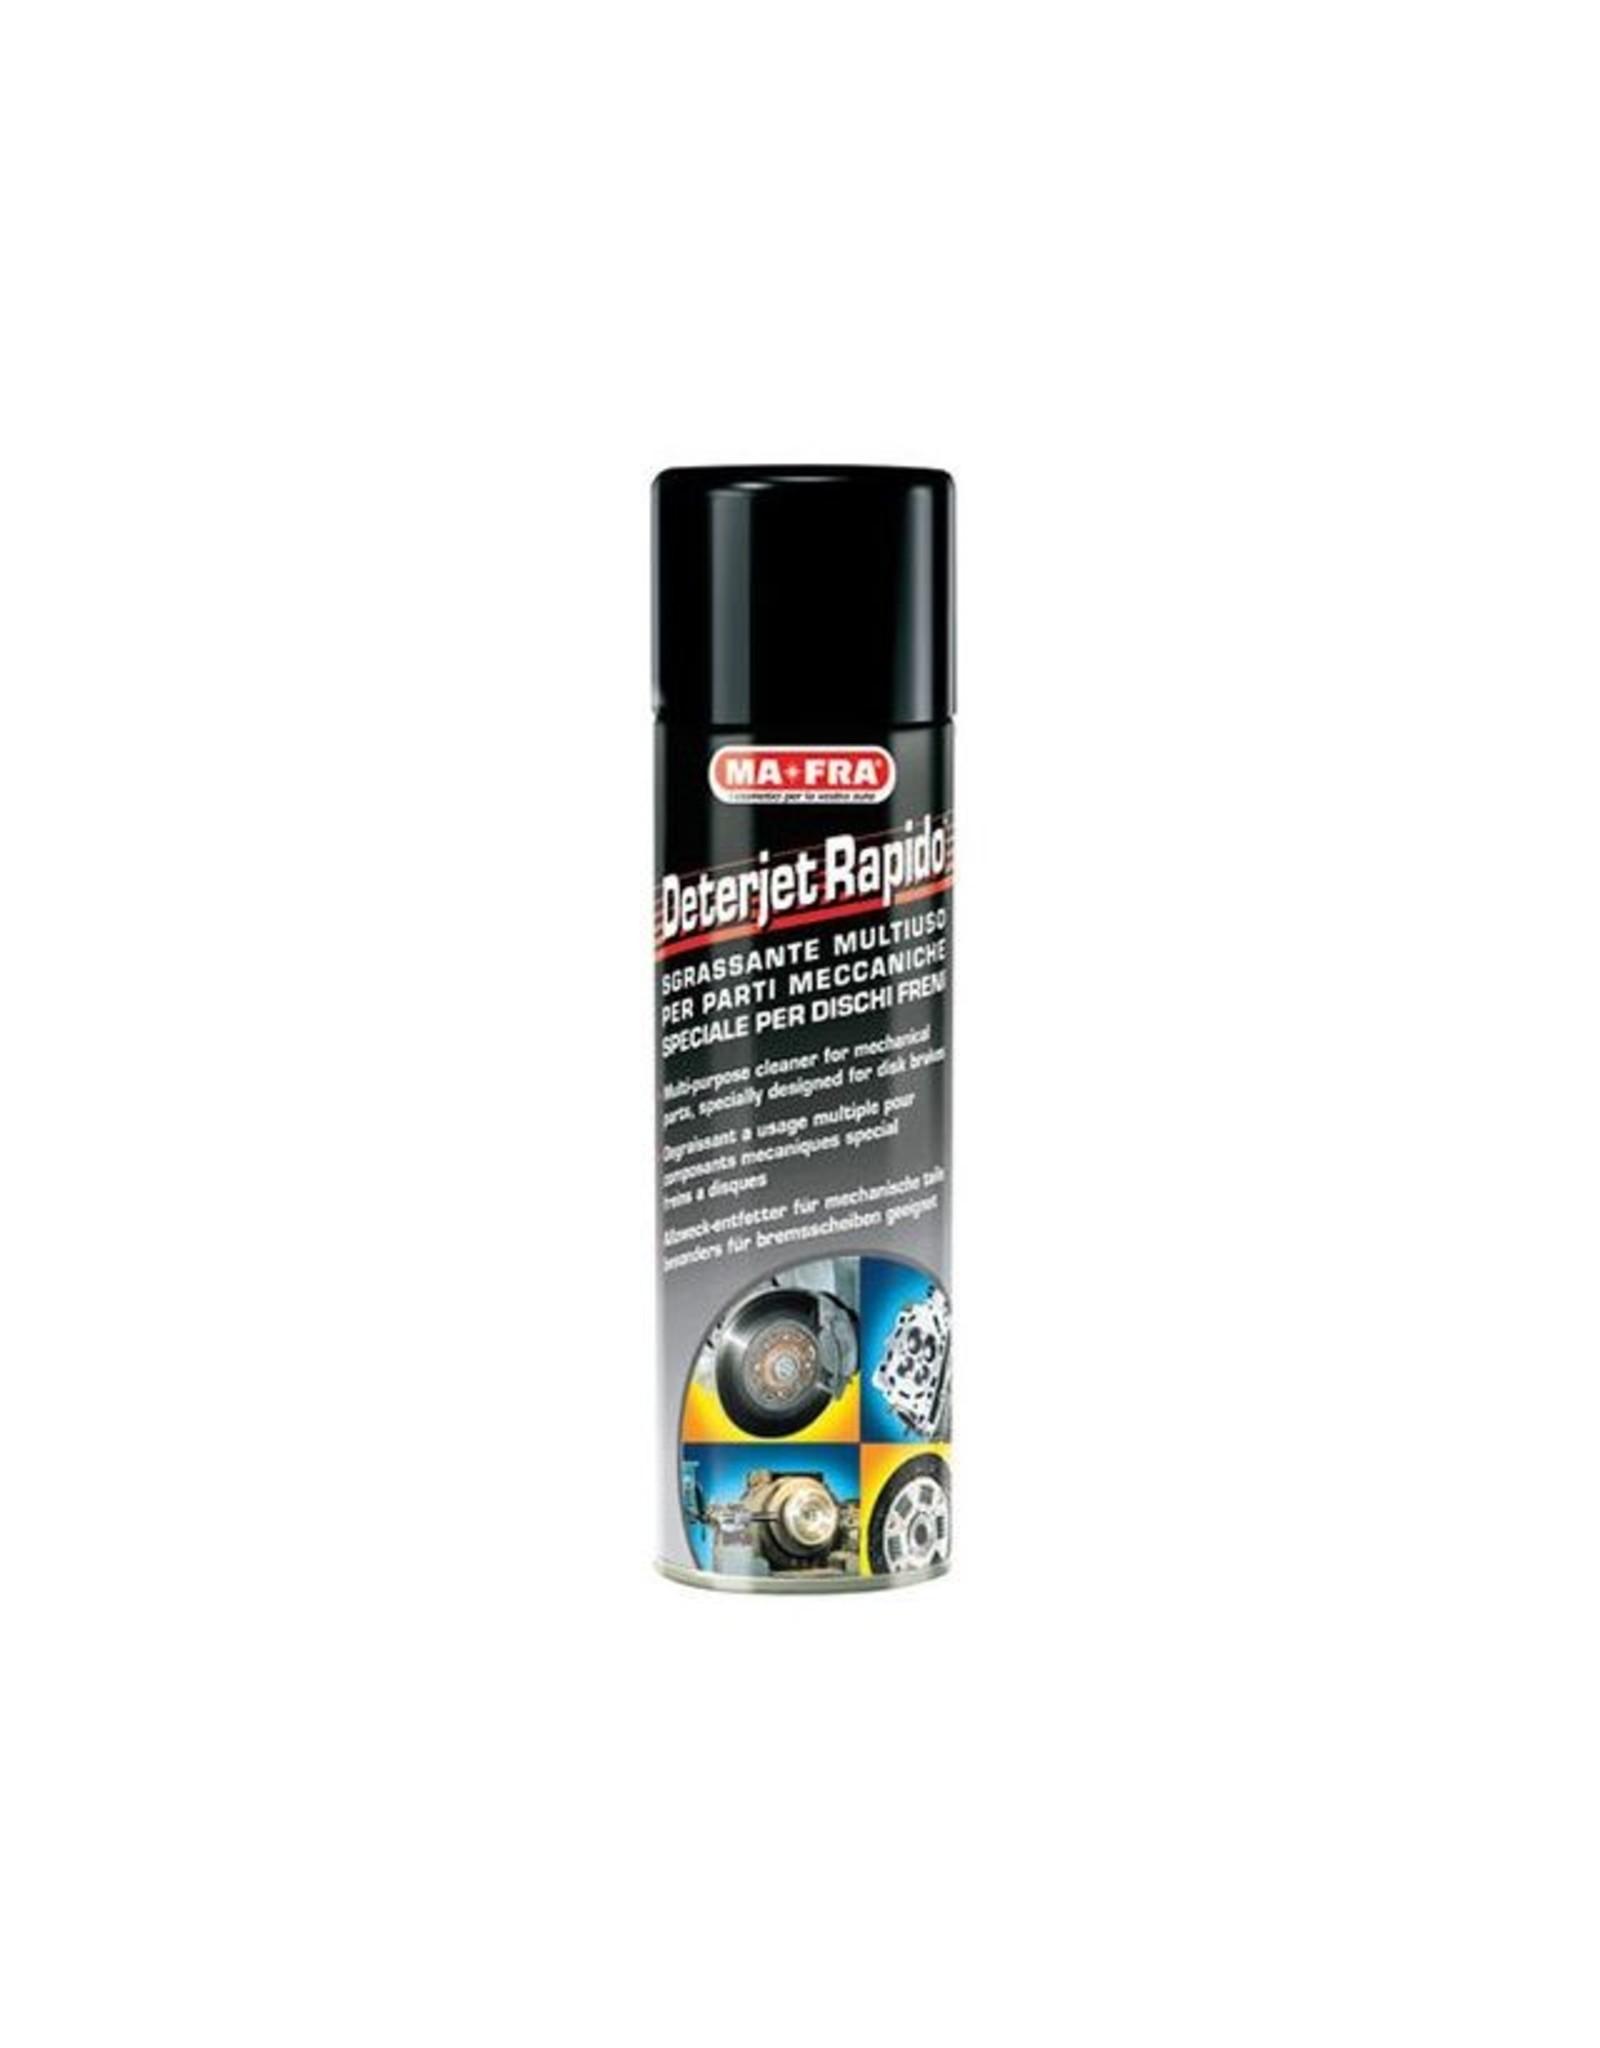 Mafra MaFra Deterjet Rapido remmenreiniger spray